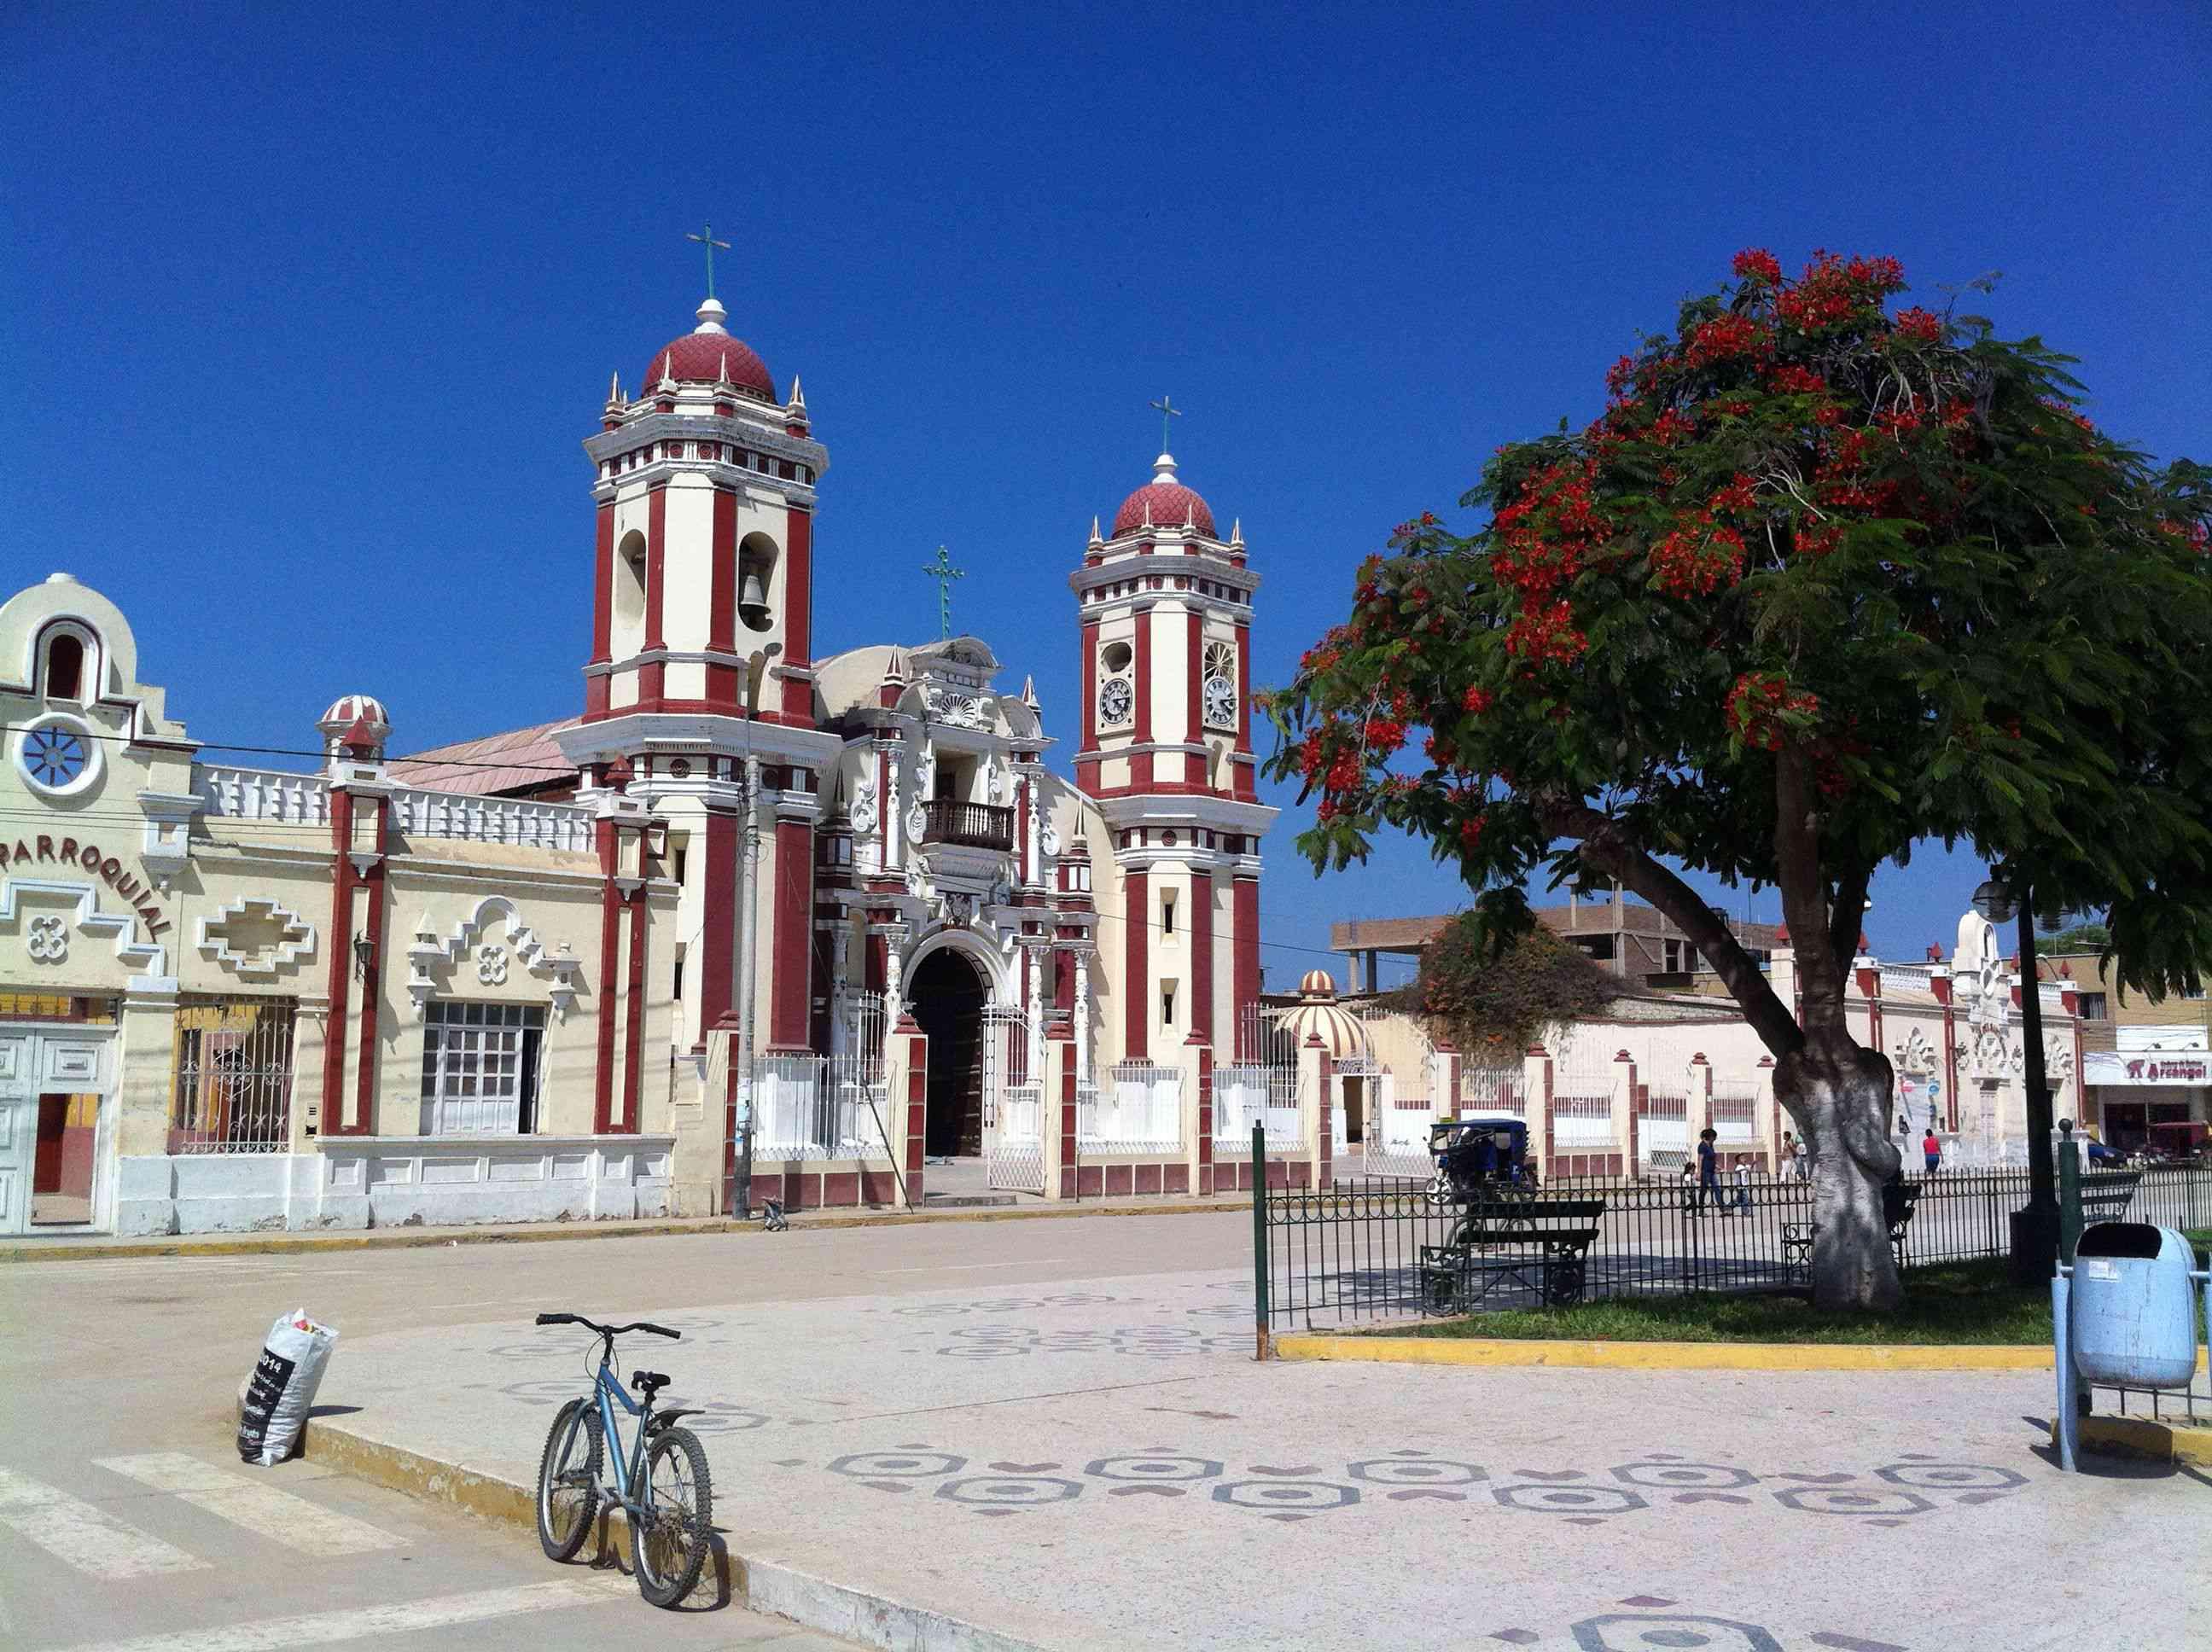 Iglesia de Santa Lucia in Ferreñafe